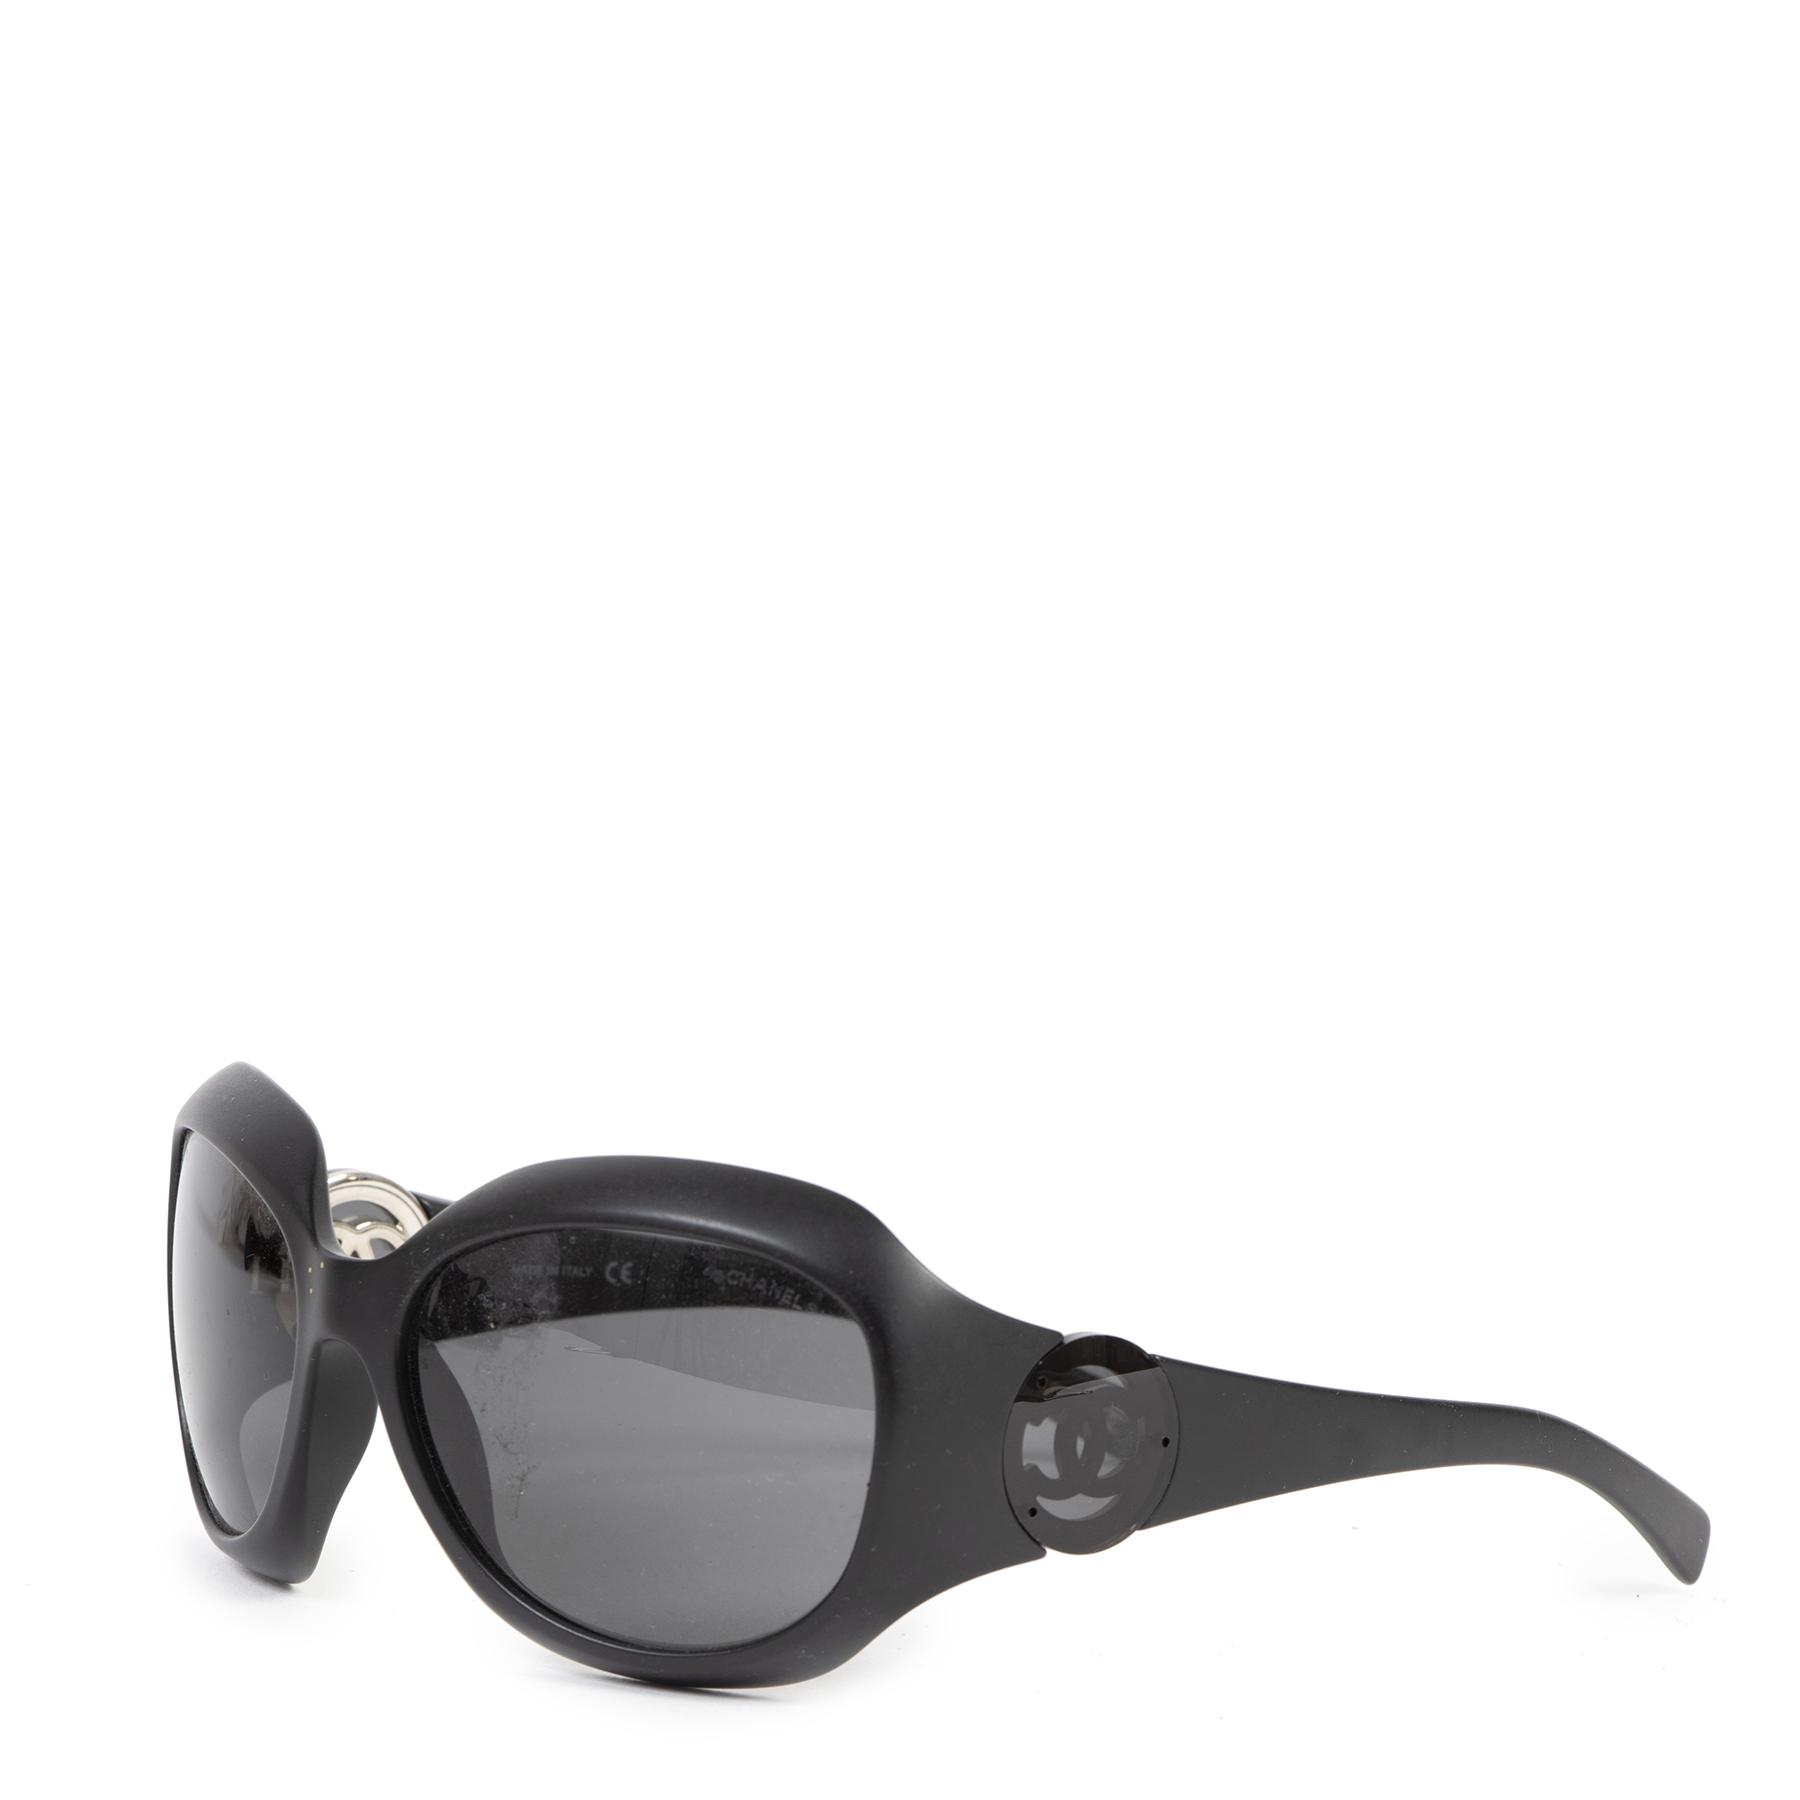 Authentieke Tweedehands Chanel Black CC Logo Sunglasses juiste prijs veilig online shoppen luxe merken webshop winkelen Antwerpen België mode fashion